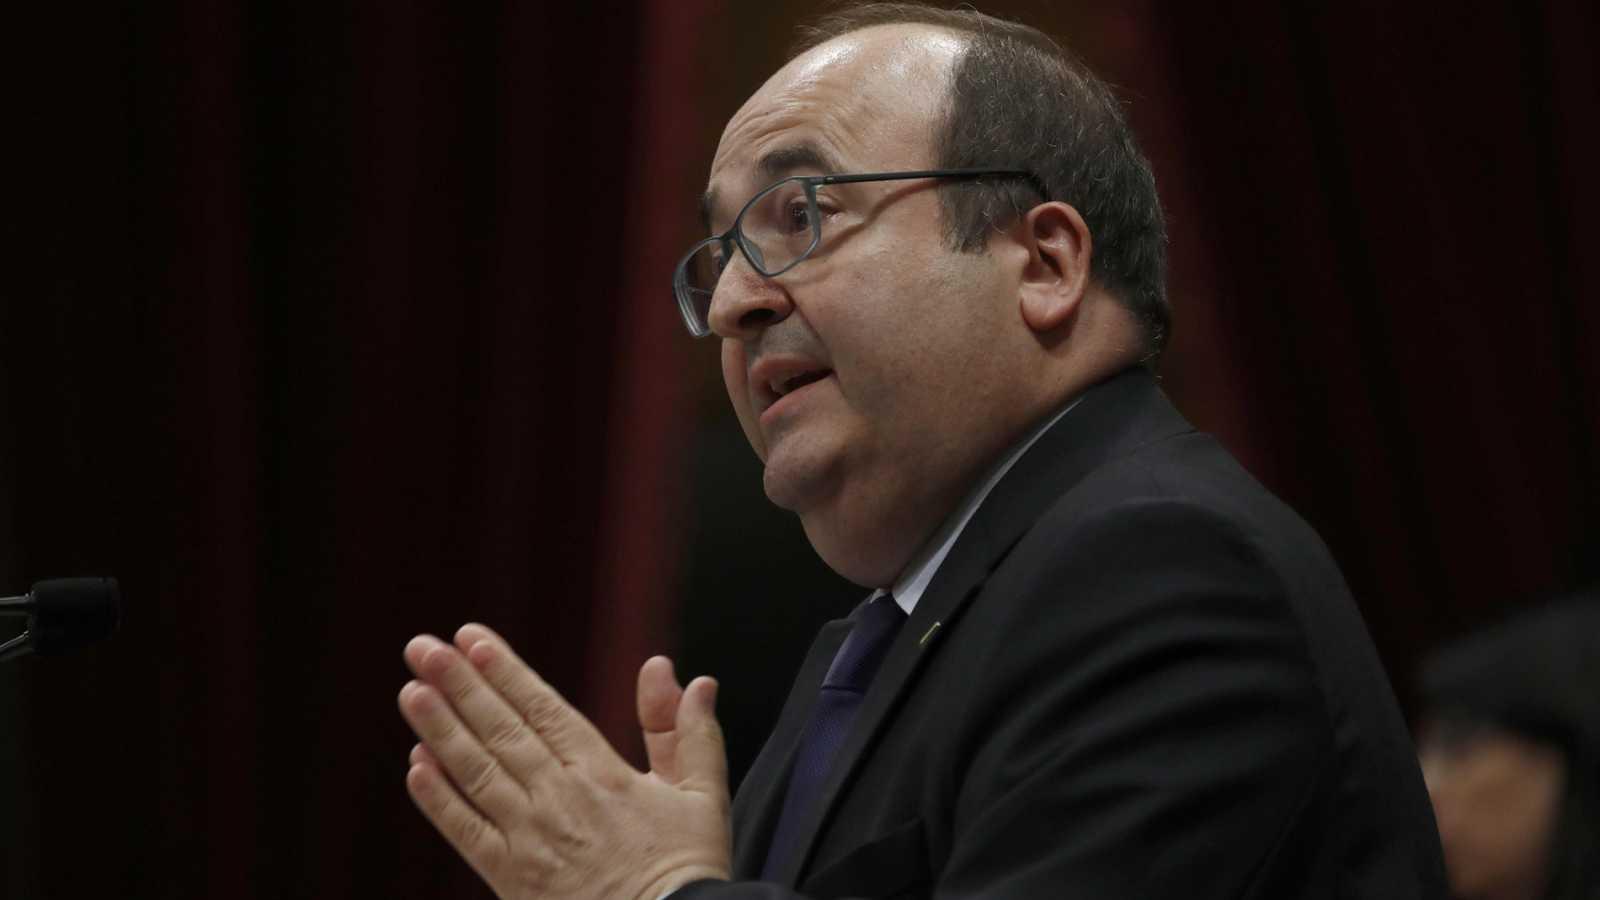 Discurso íntegro de Miquel Iceta en el debate de investidura de Quim Torra